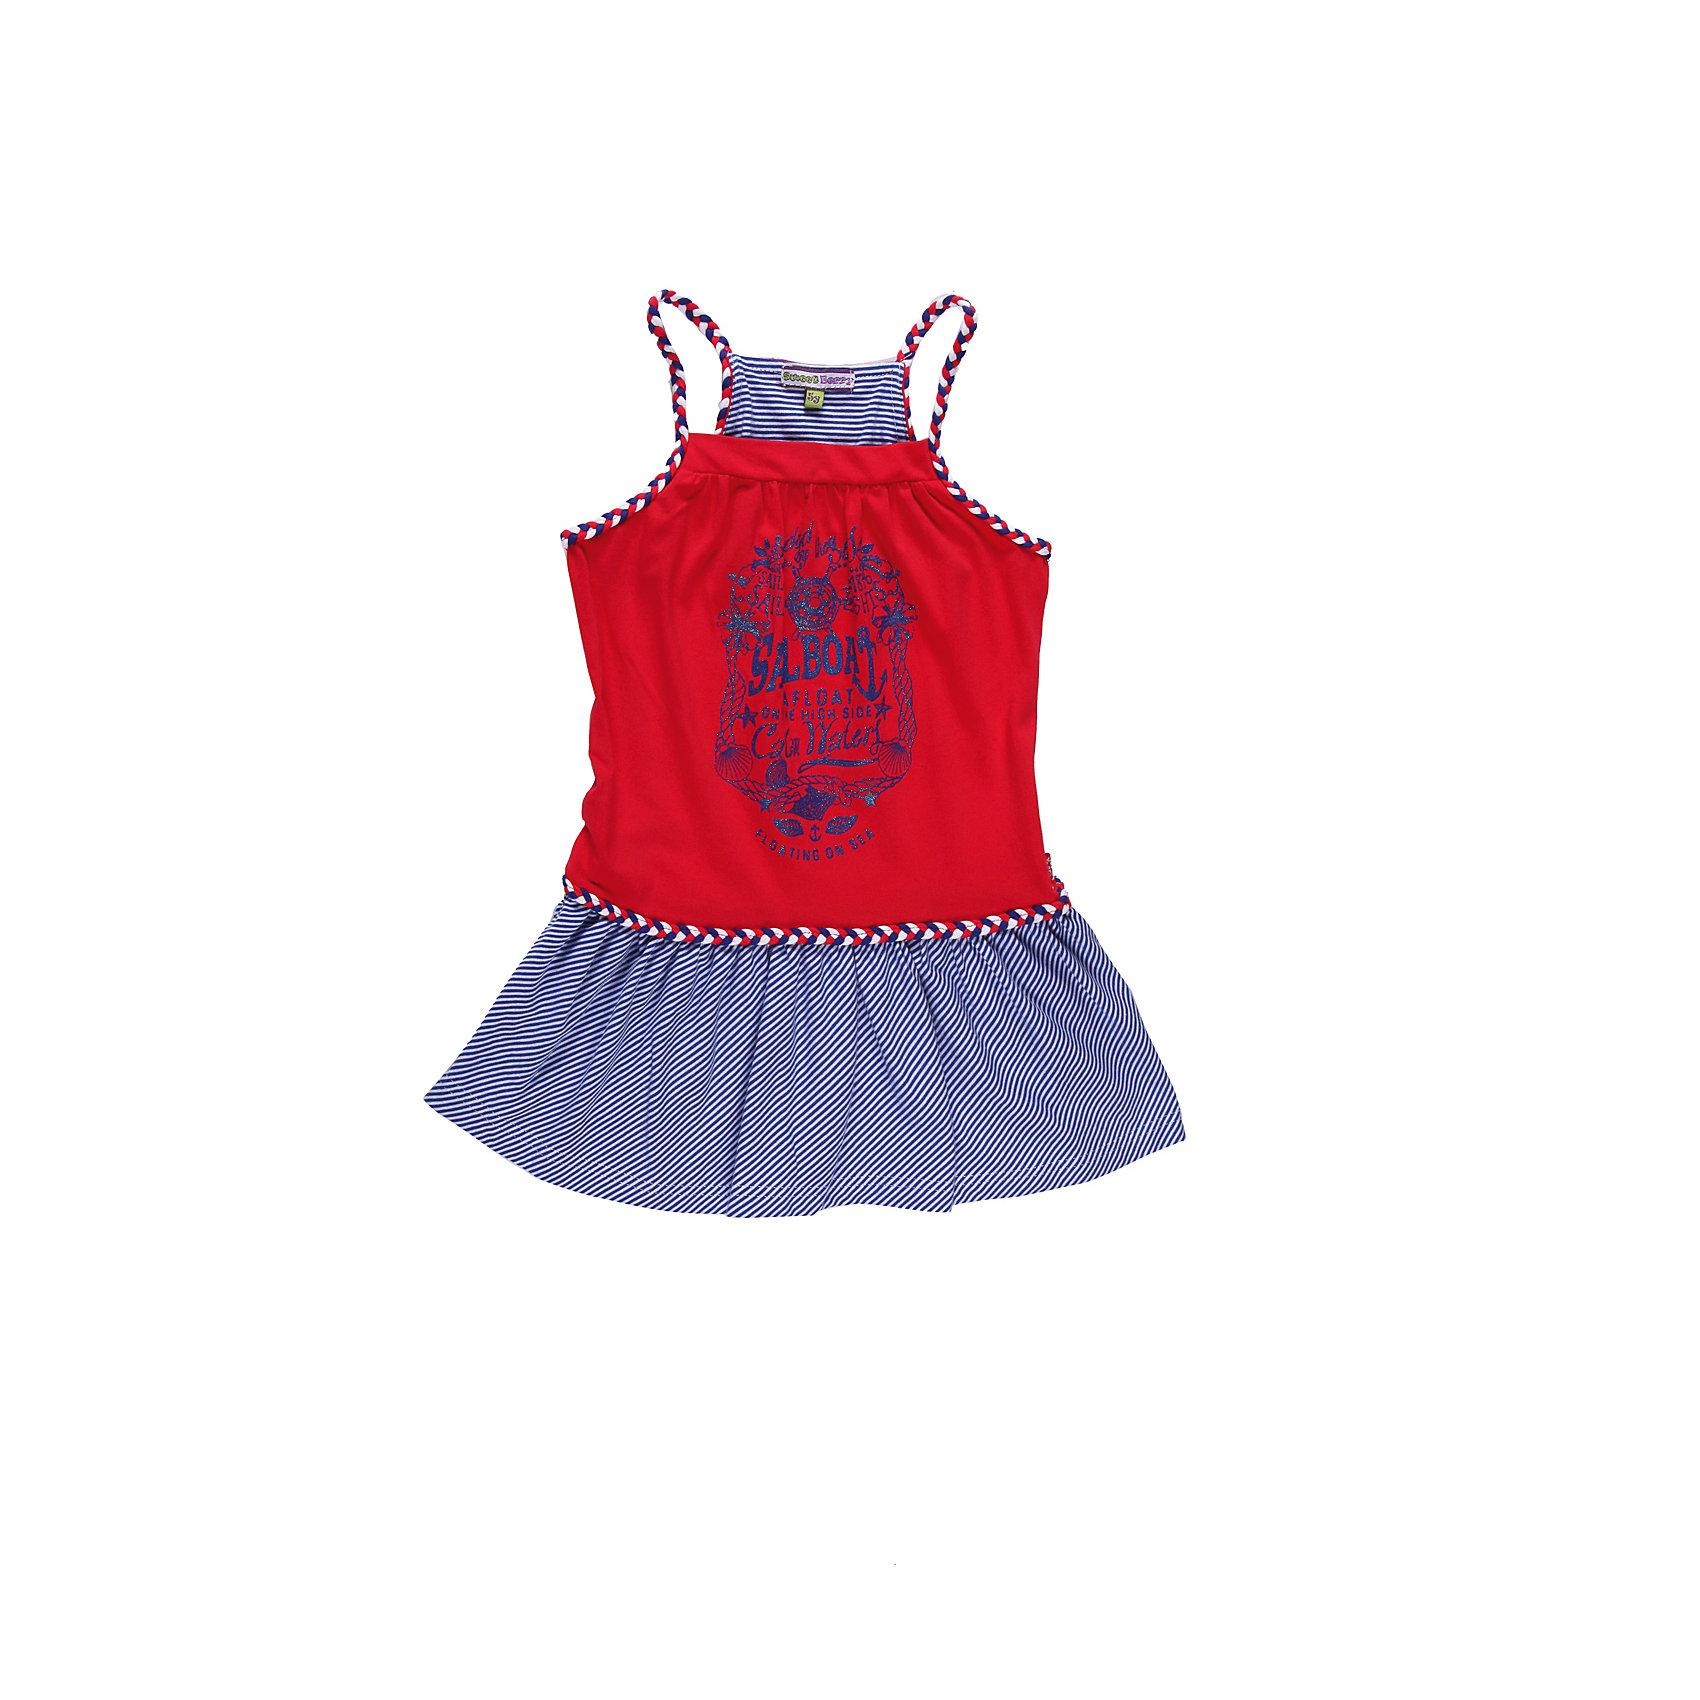 Платье для девочки Sweet BerryЛетние платья и сарафаны<br>Трикотажное платье украшенное яркими цветами и  переплетеными бретелями.<br>Состав:<br>95% хлопок, 5% эластан<br><br>Ширина мм: 236<br>Глубина мм: 16<br>Высота мм: 184<br>Вес г: 177<br>Цвет: синий/красный<br>Возраст от месяцев: 60<br>Возраст до месяцев: 72<br>Пол: Женский<br>Возраст: Детский<br>Размер: 116,98,104,128,122,110<br>SKU: 4521070